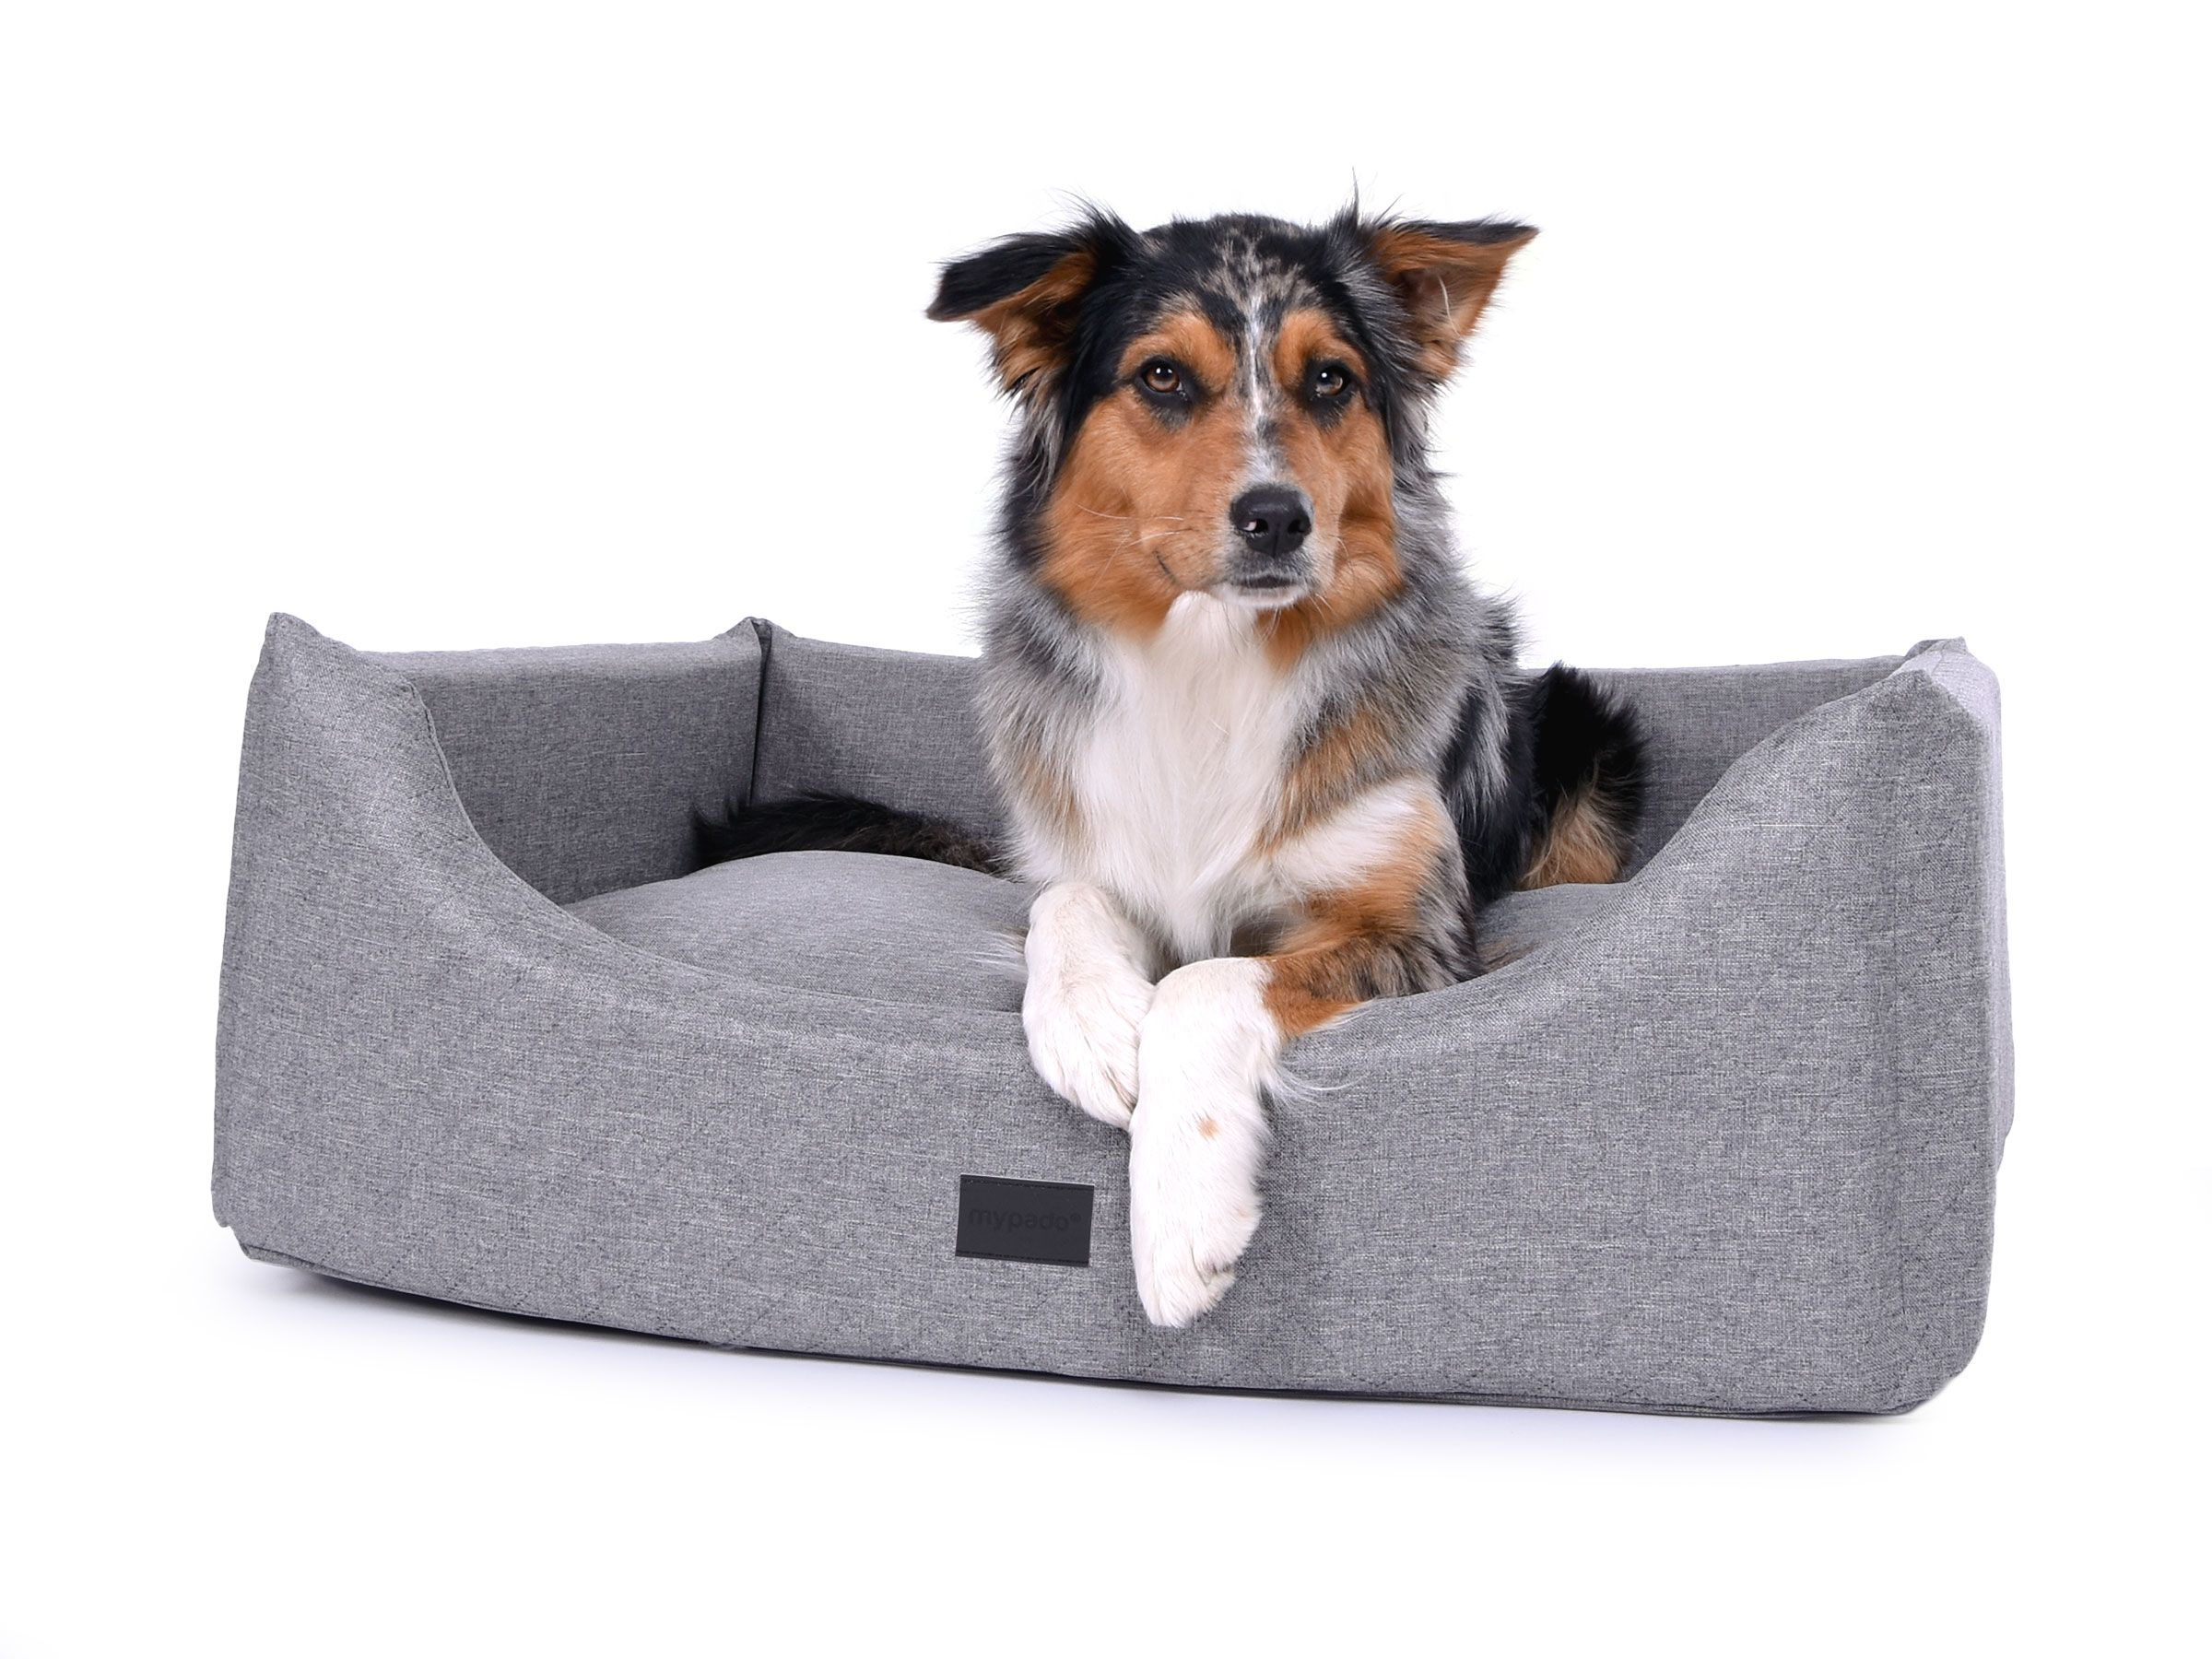 Formschon Robust Und Bequem Dieses Schone Und Elegante Hundebett Besticht Allem Voran Durch Seinen Trendigen Strukturpolste Hunde Bett Hunde Kissen Hundebett